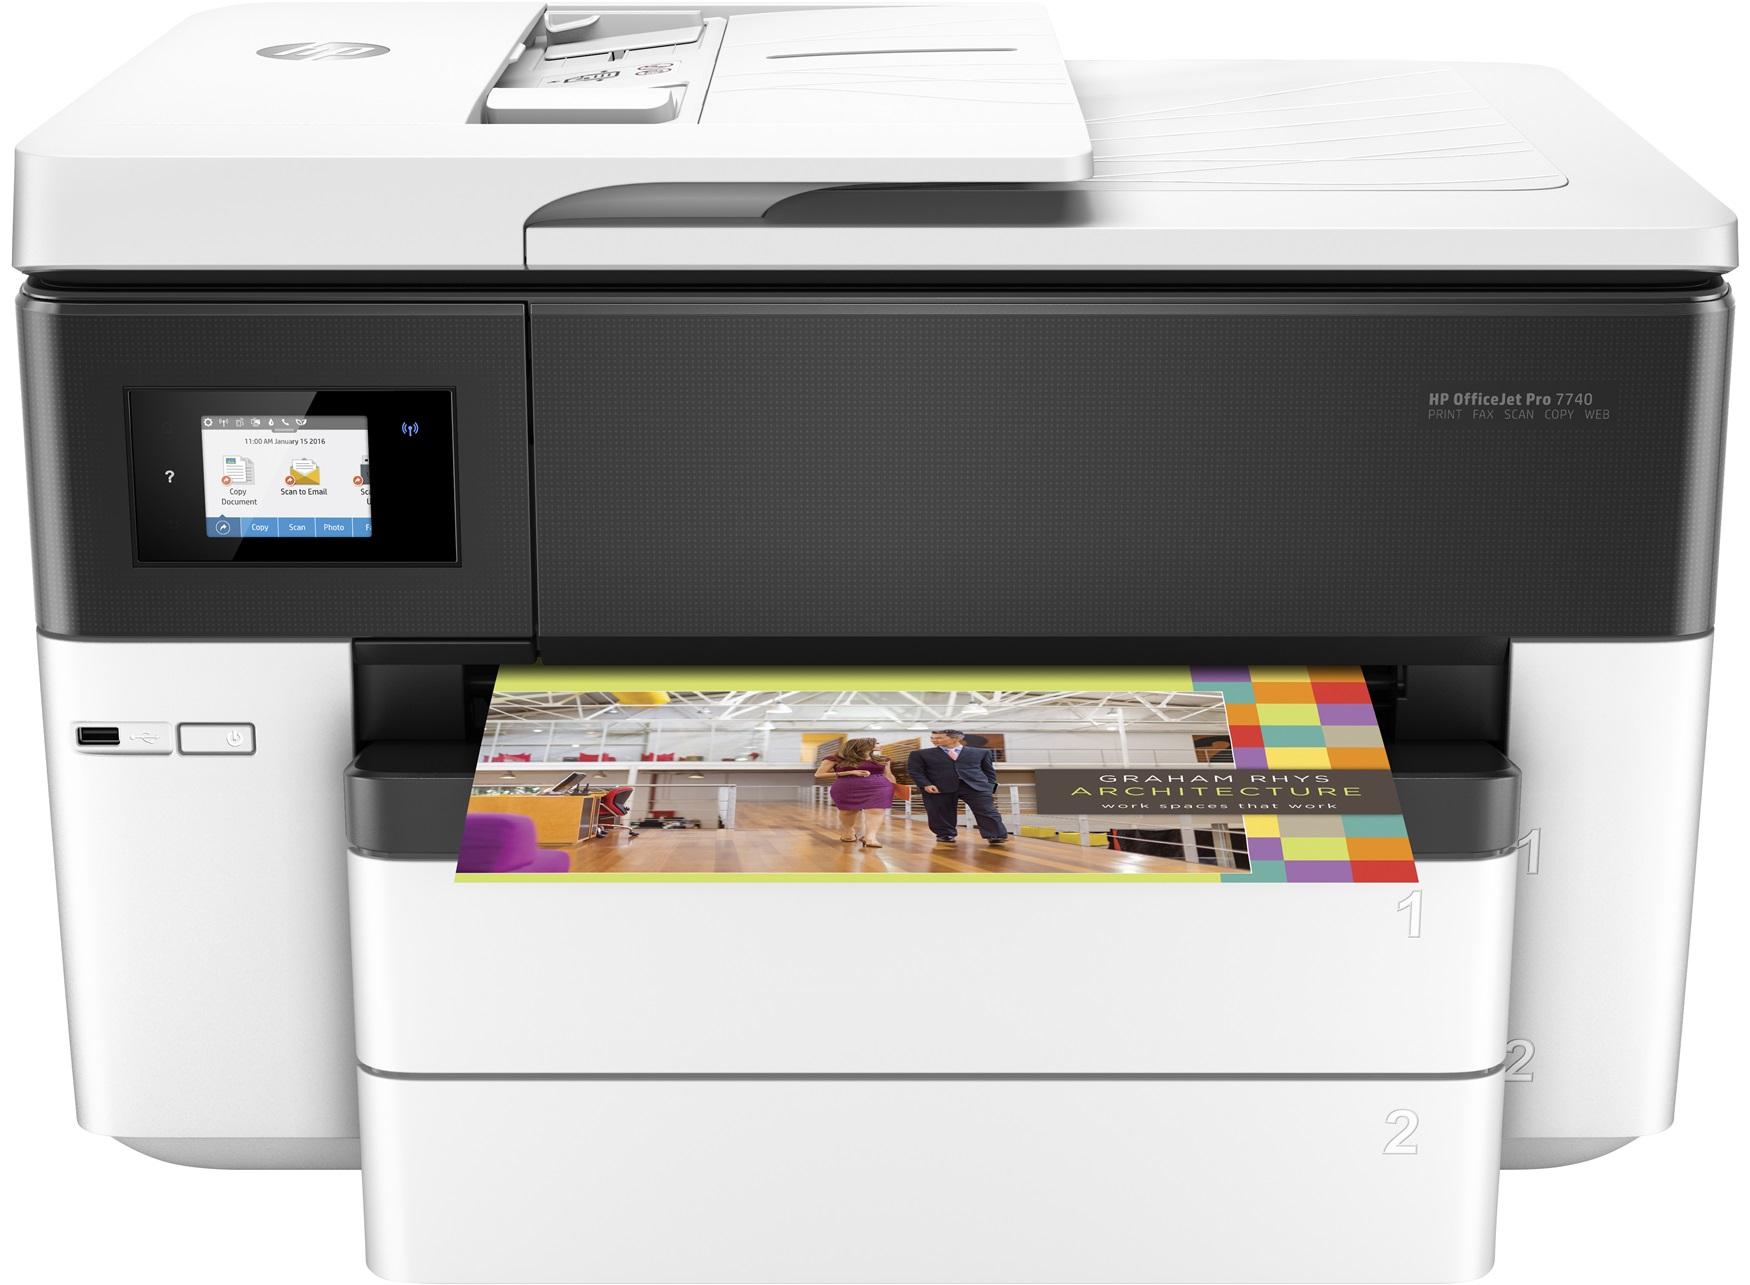 Officejet Pro 7740